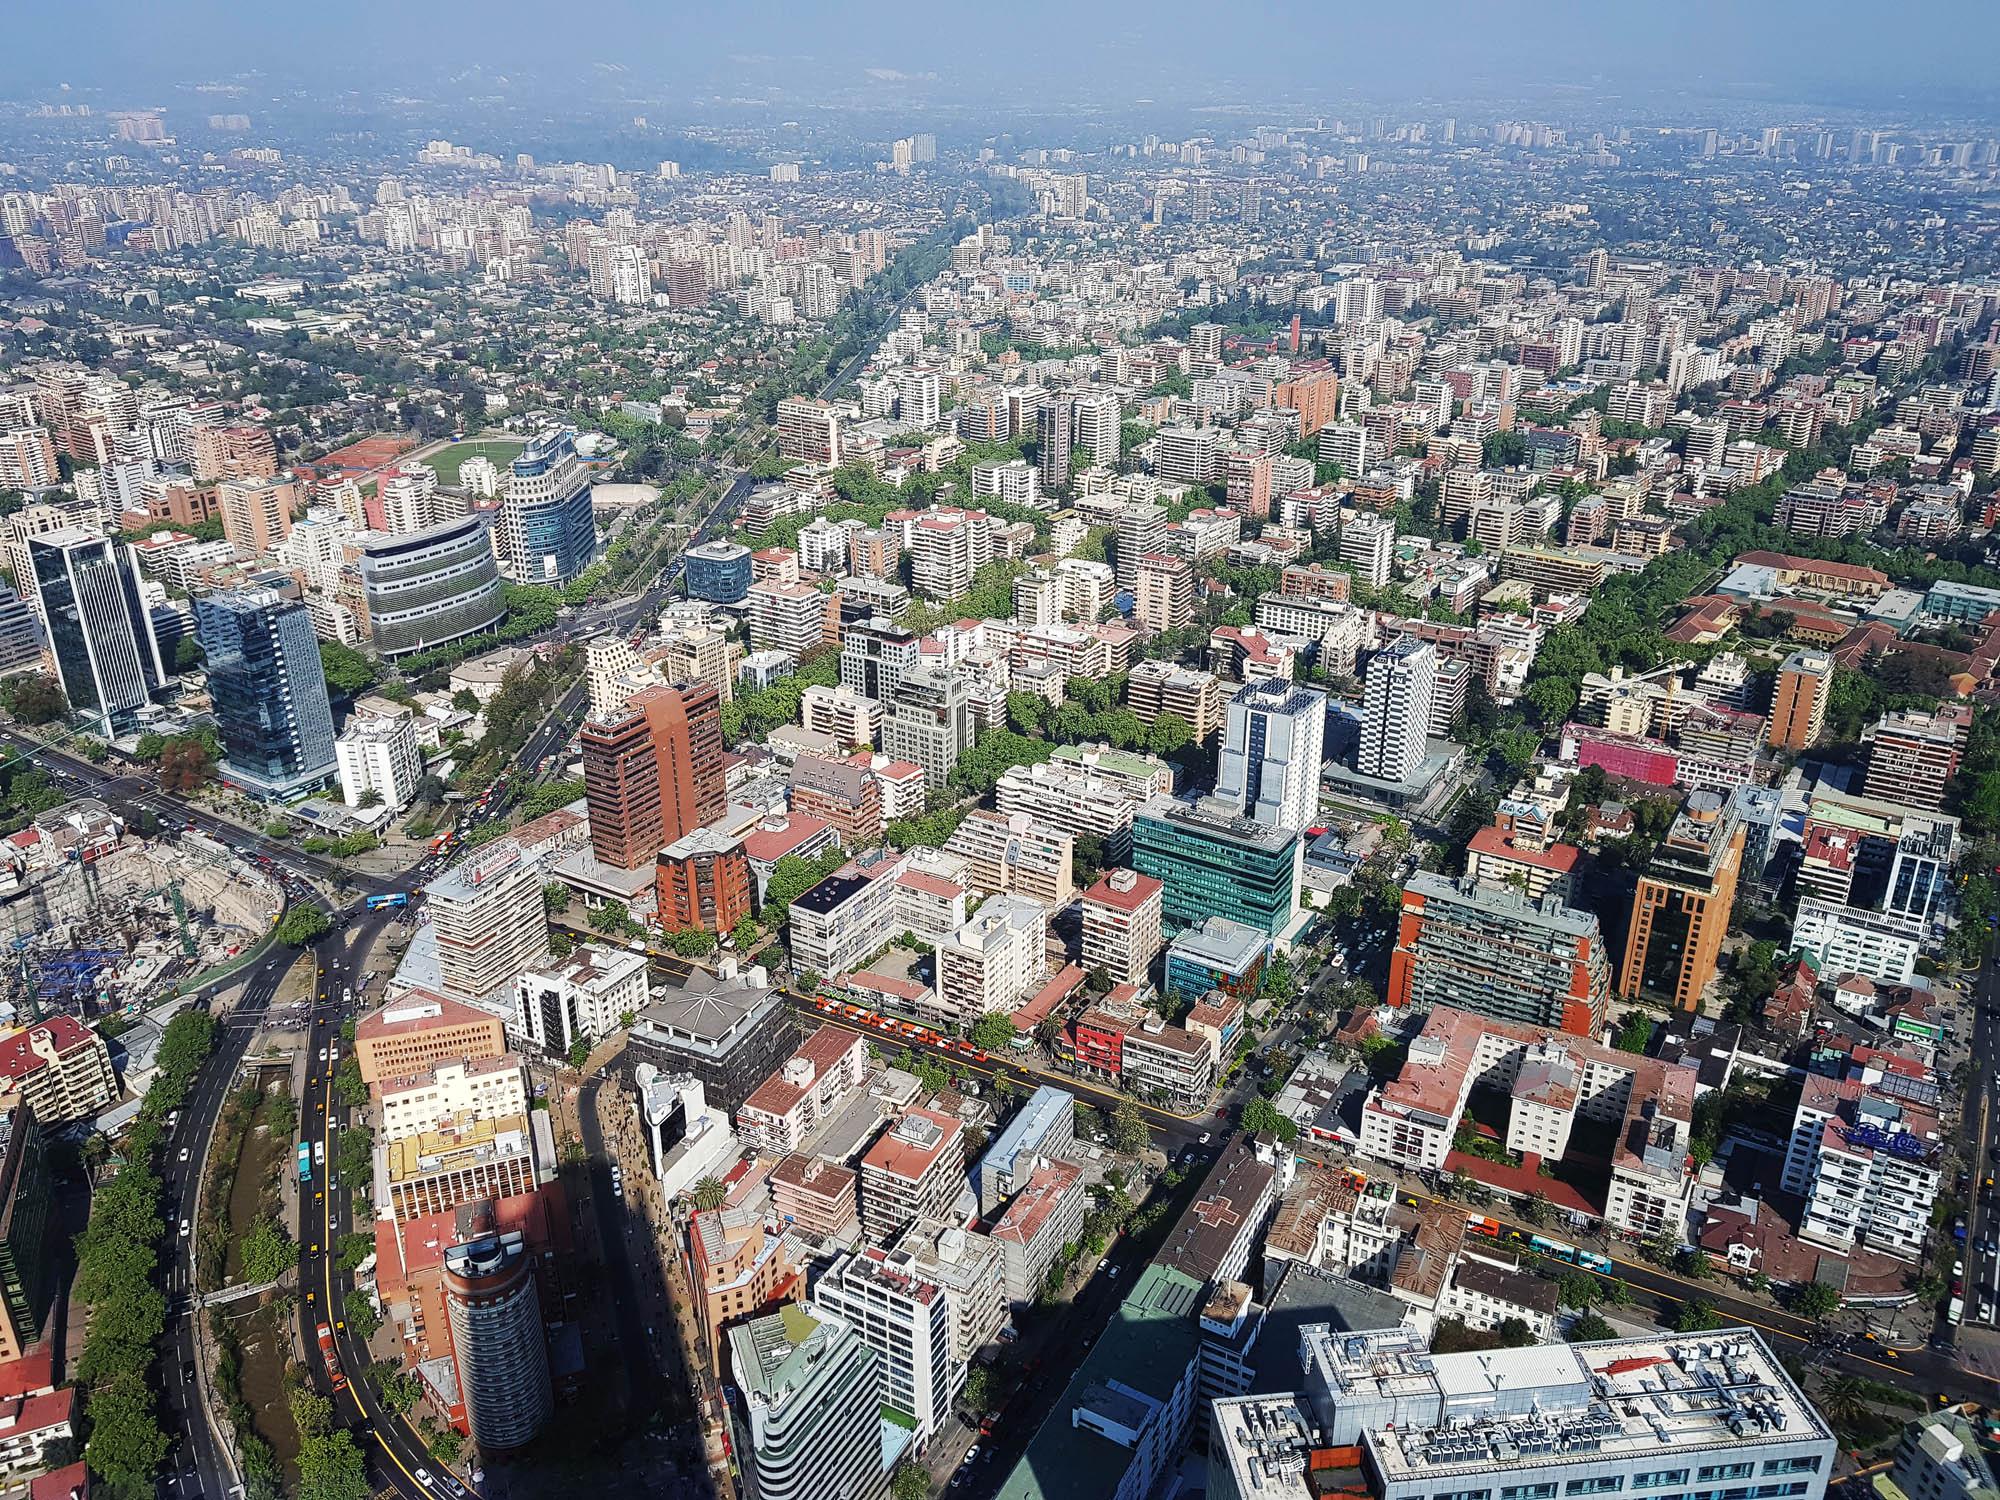 Santiago: Blick auf die Millionenmetropole vom Costaneiratower, dem höchsten Gebäude in Südamerika (300m)